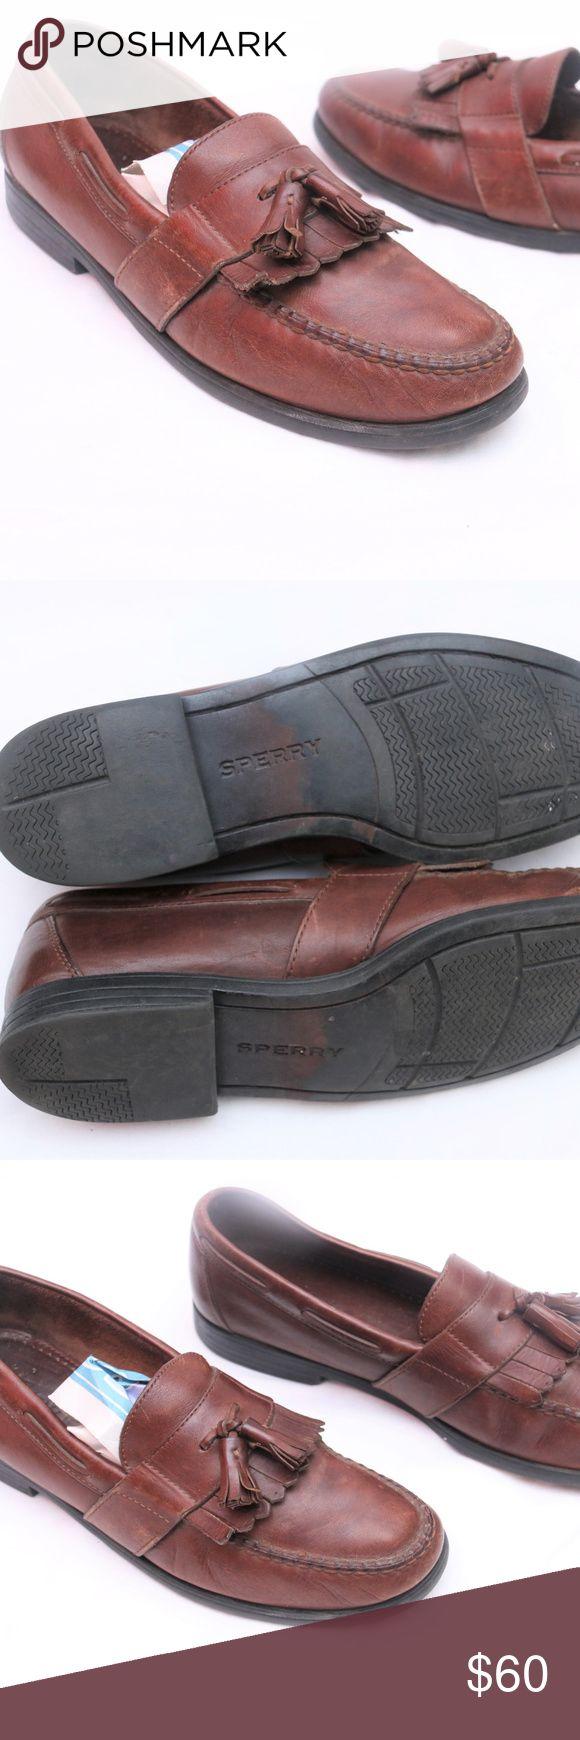 tienda de zapatos mexico